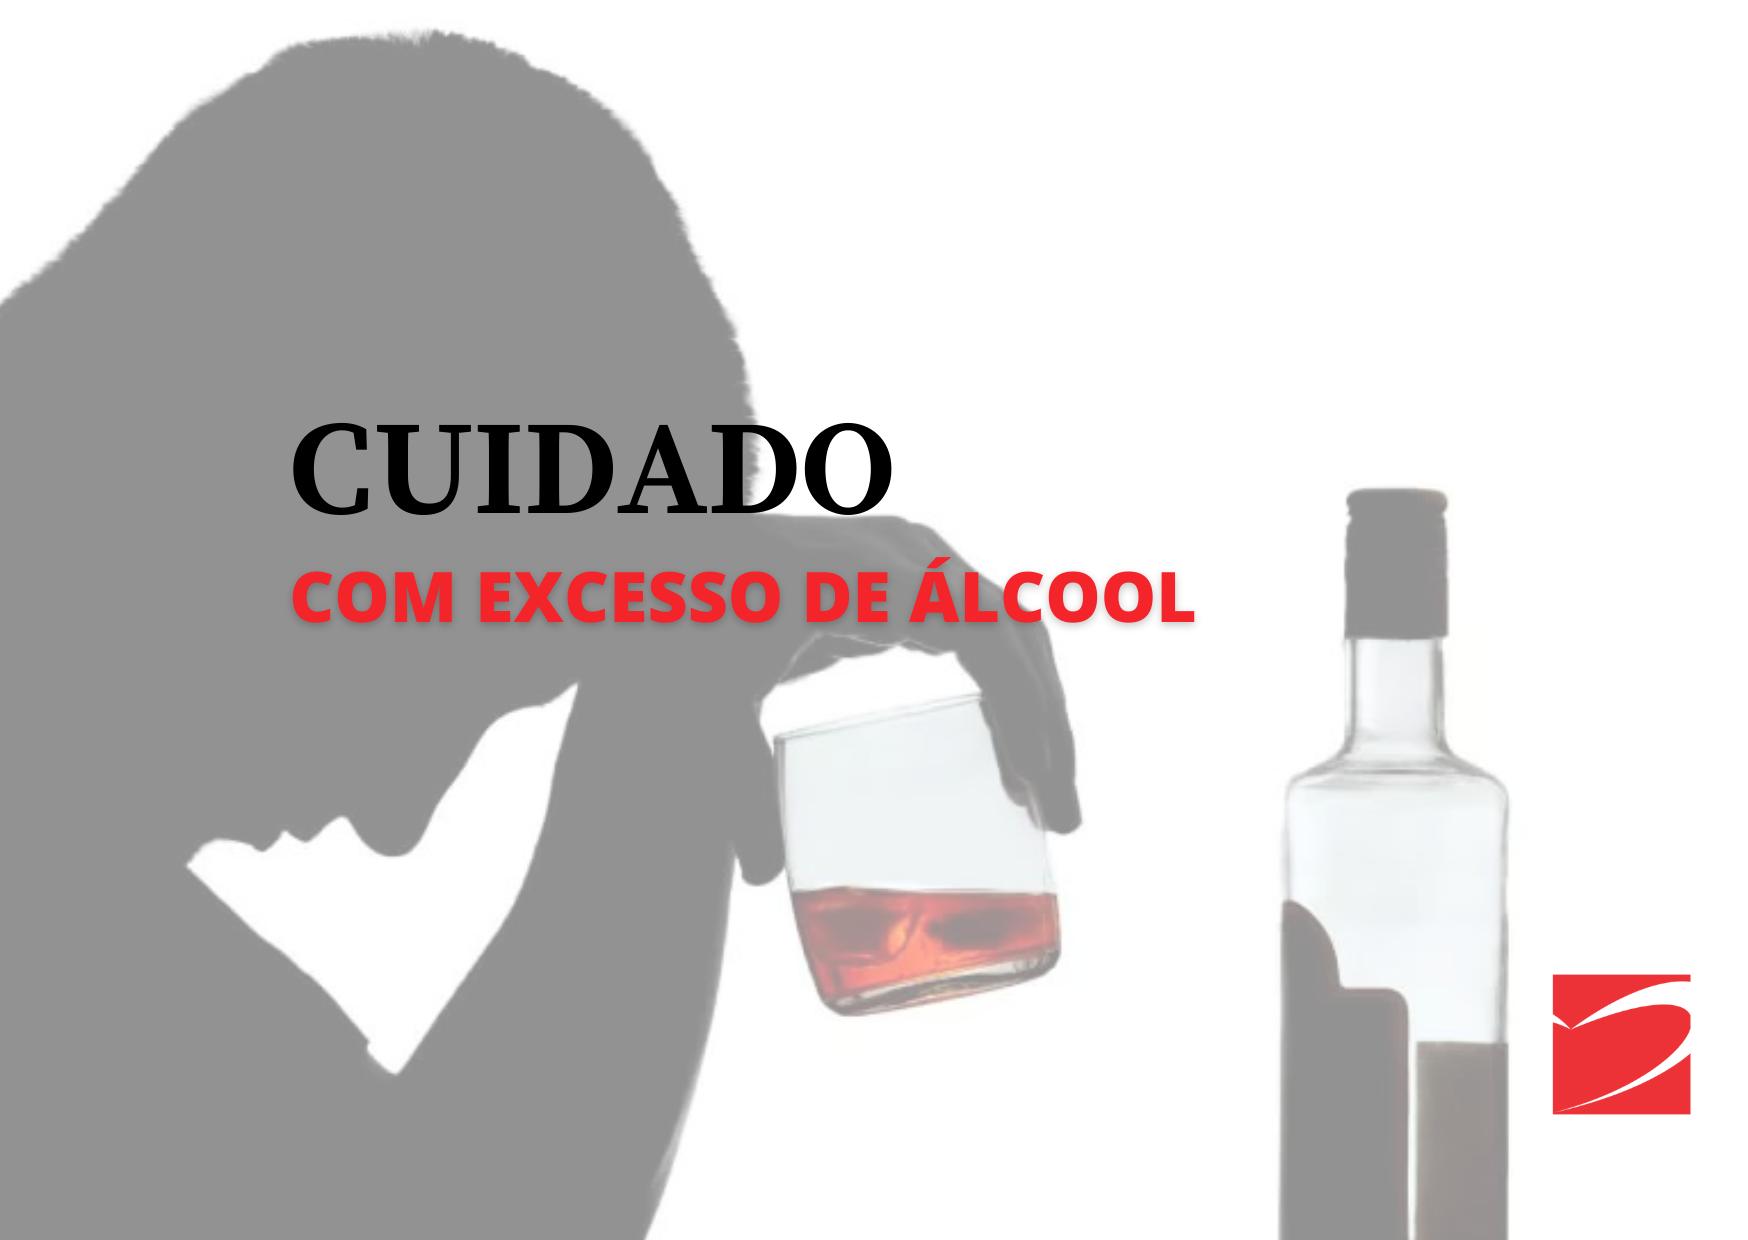 Complicações causadas pelo álcool